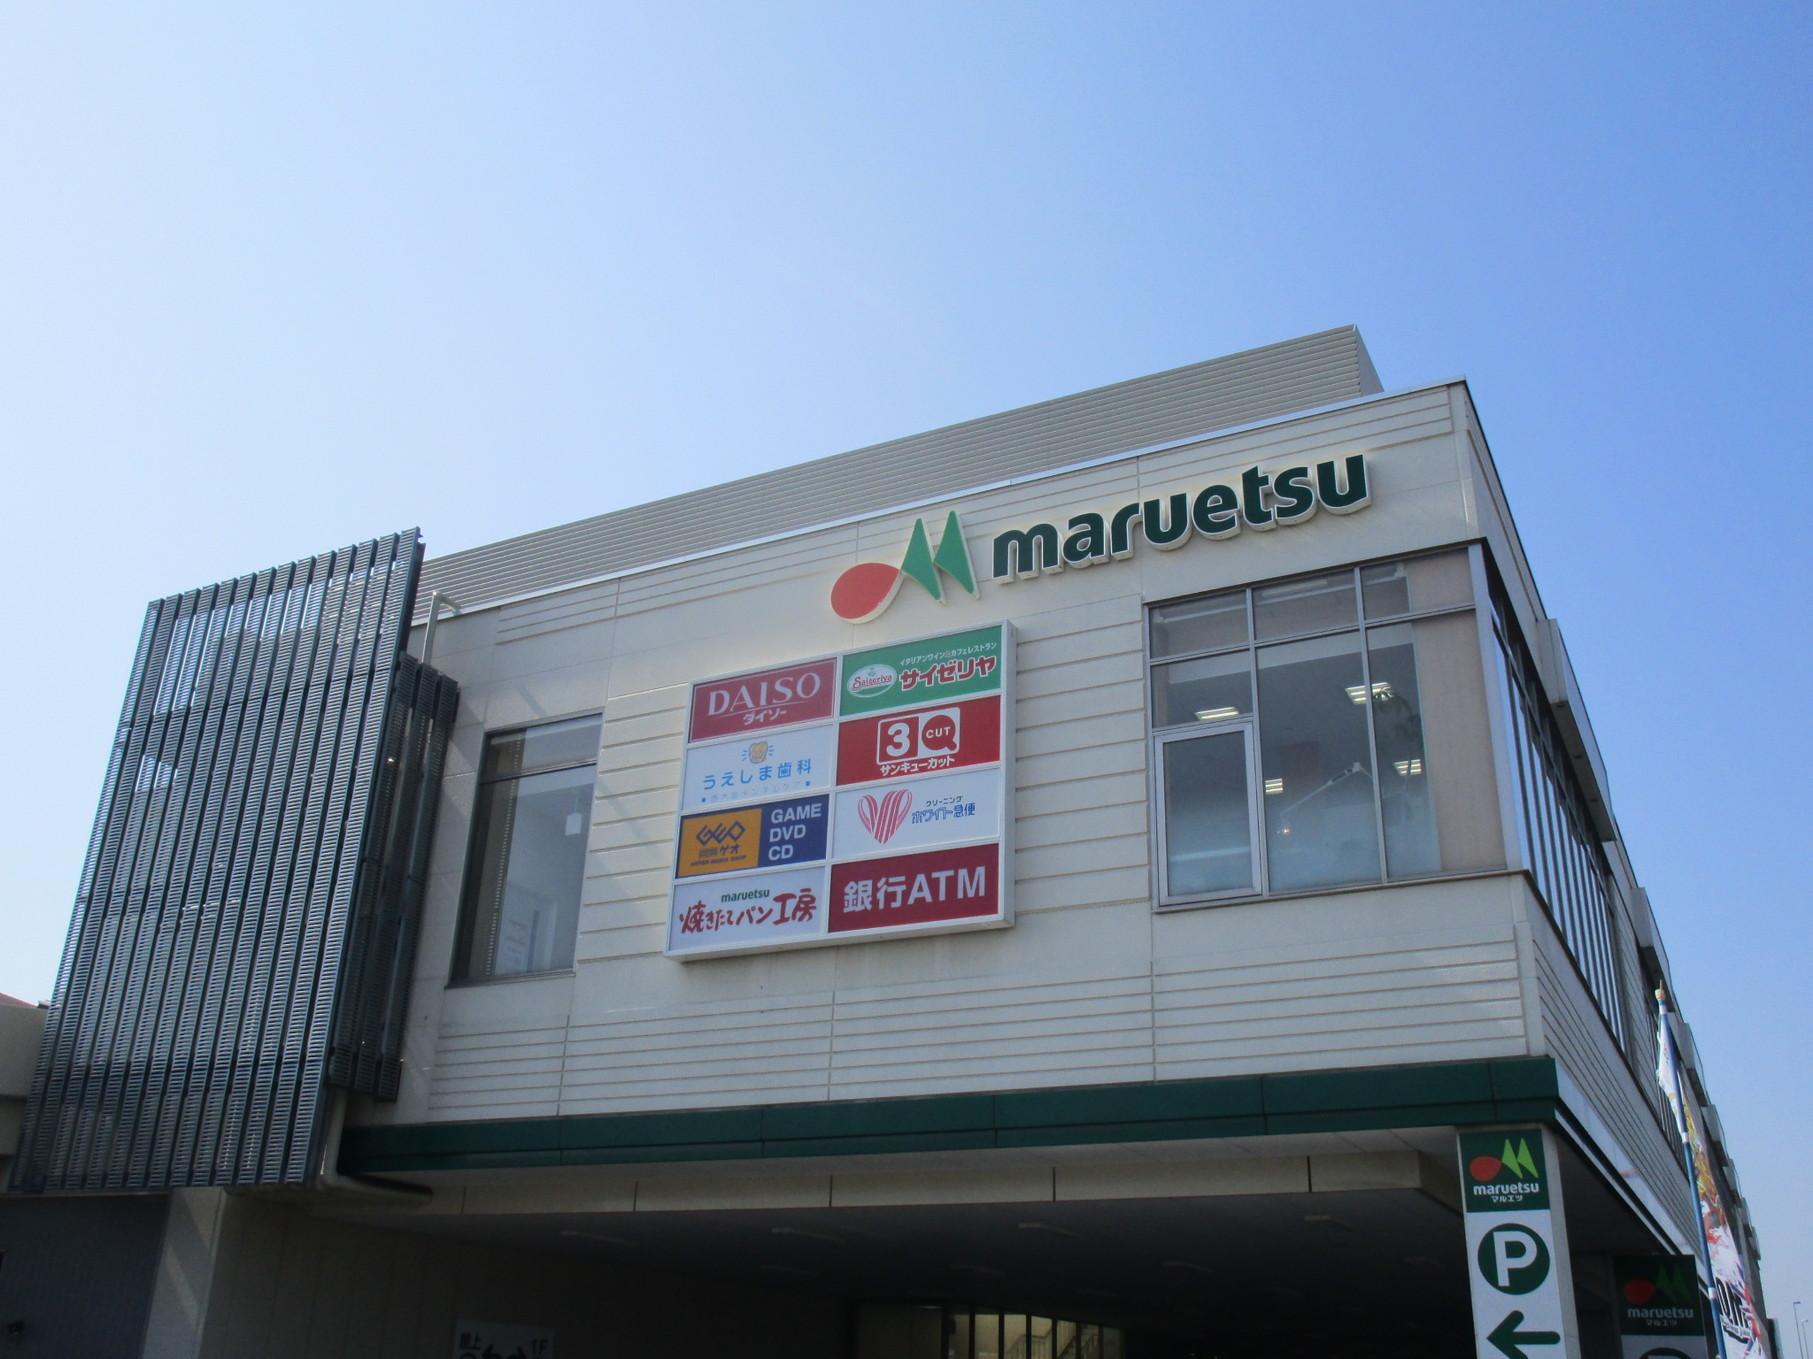 石窯焼きたてパン工房 マルエツ西大宮駅前店